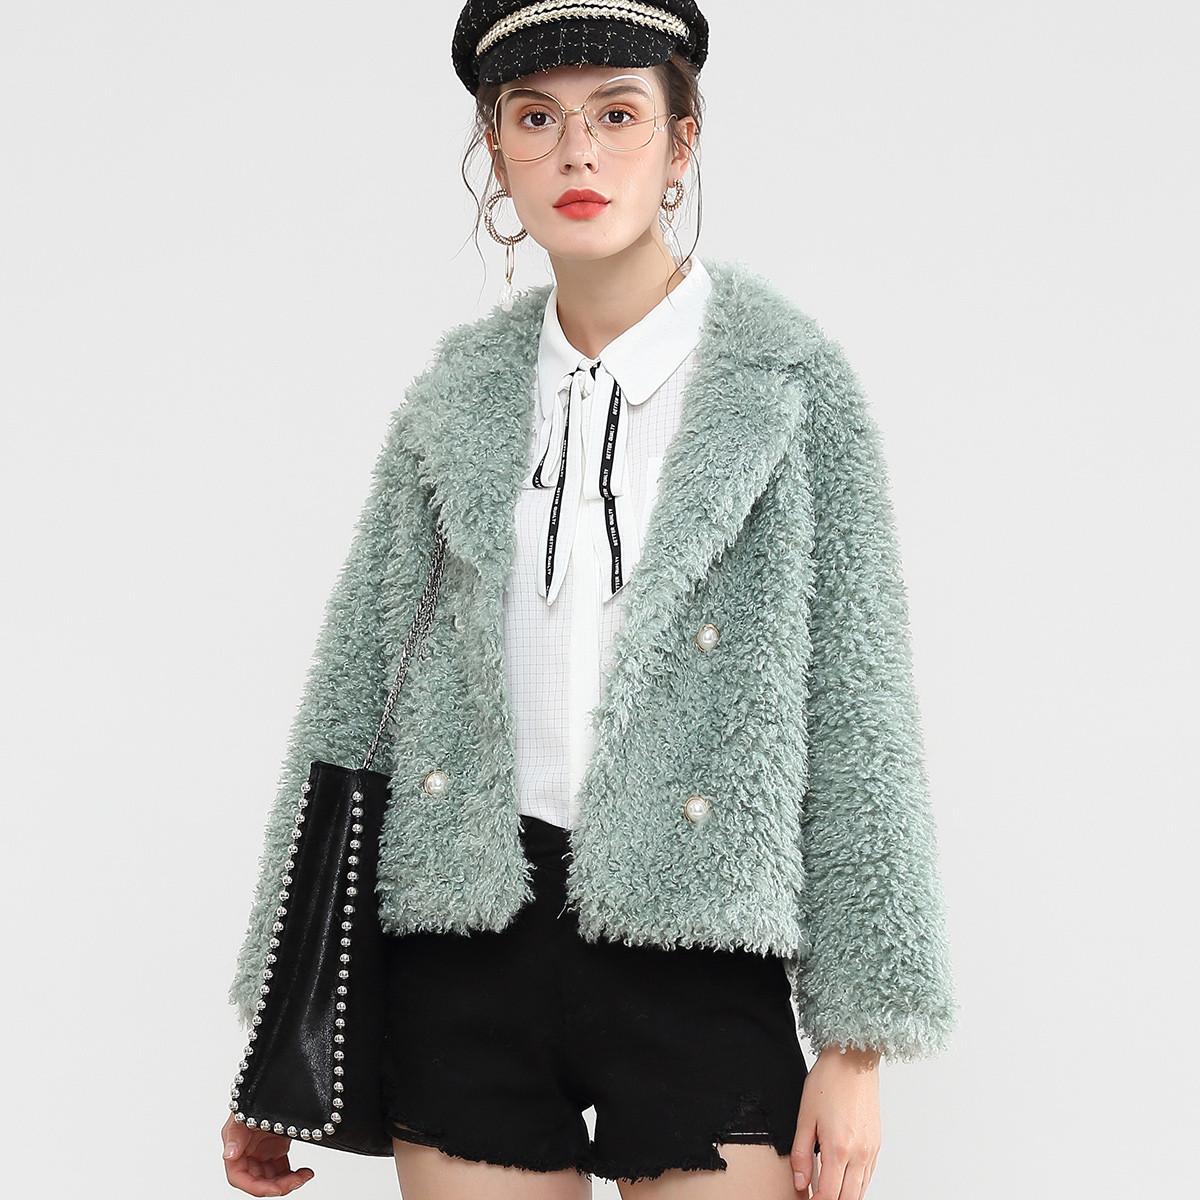 DONEED新款韩版优雅女人味网红款仿羊羔毛泰迪绒皮毛一体外套D194ZW7641070